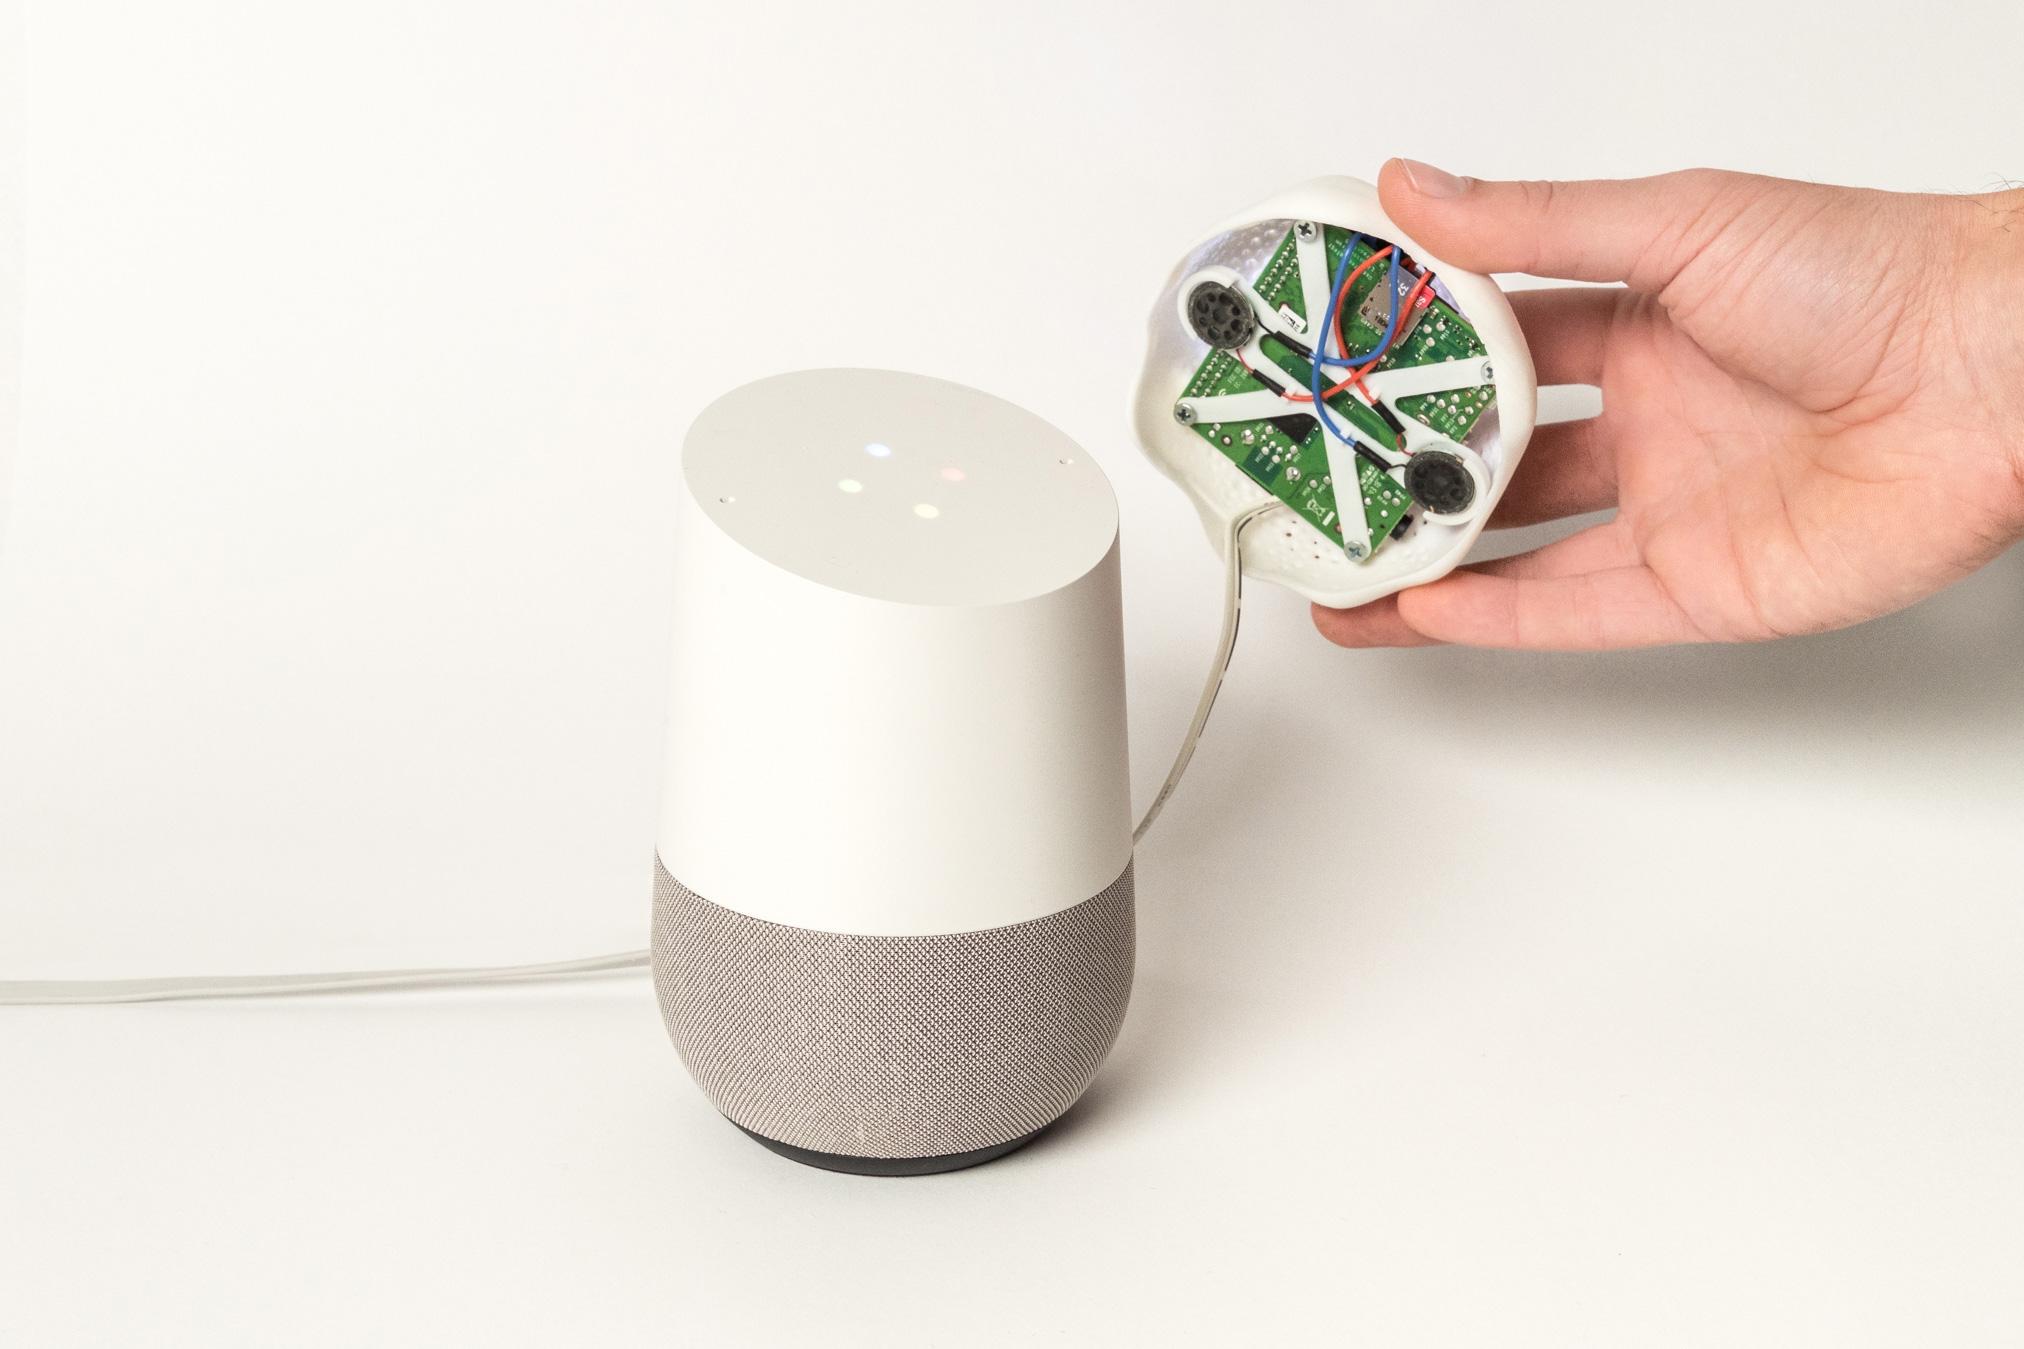 Echo und Google Home: Mod bringt mehr Privatsphäre und freies Signalwort -